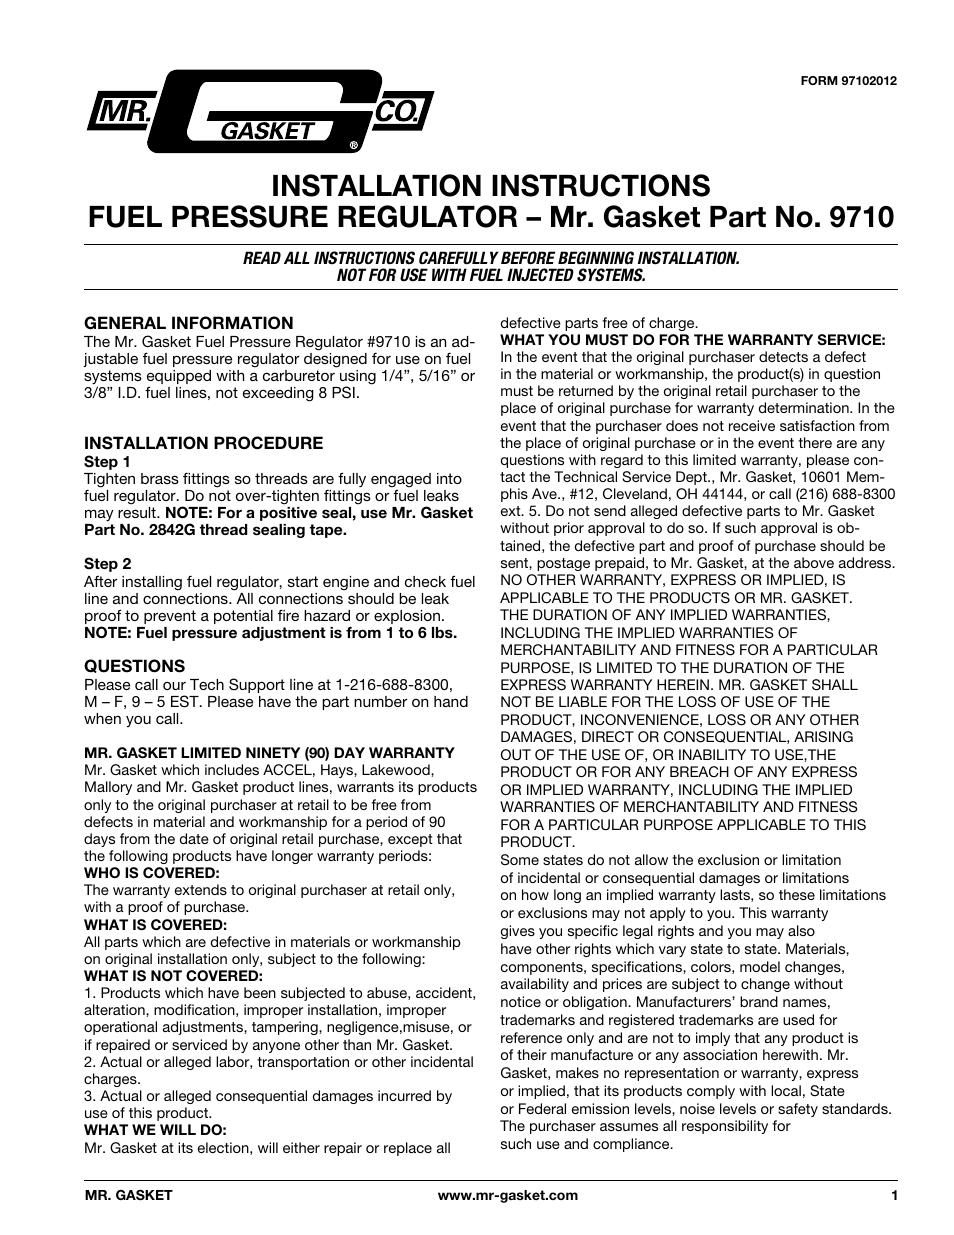 Mr gasket 9710 fuel pressure regulator adjustable user manual mr gasket 9710 fuel pressure regulator adjustable user manual 2 pages publicscrutiny Image collections